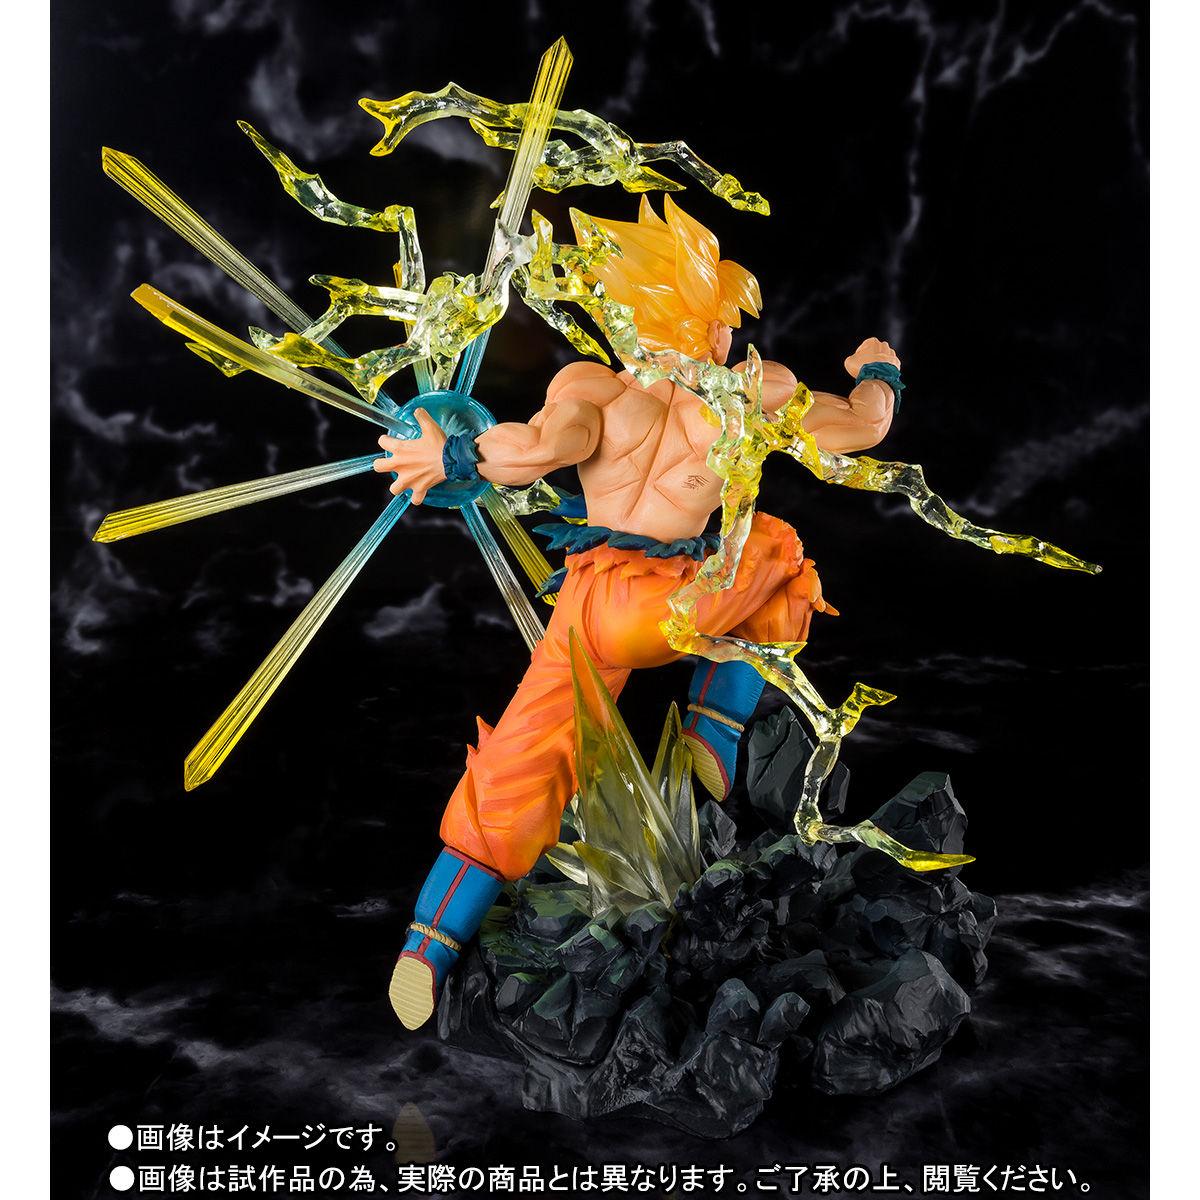 フィギュアーツZERO『スーパーサイヤ人孫悟空 -熱戦-』ドラゴンボールZ 完成品フィギュア-004